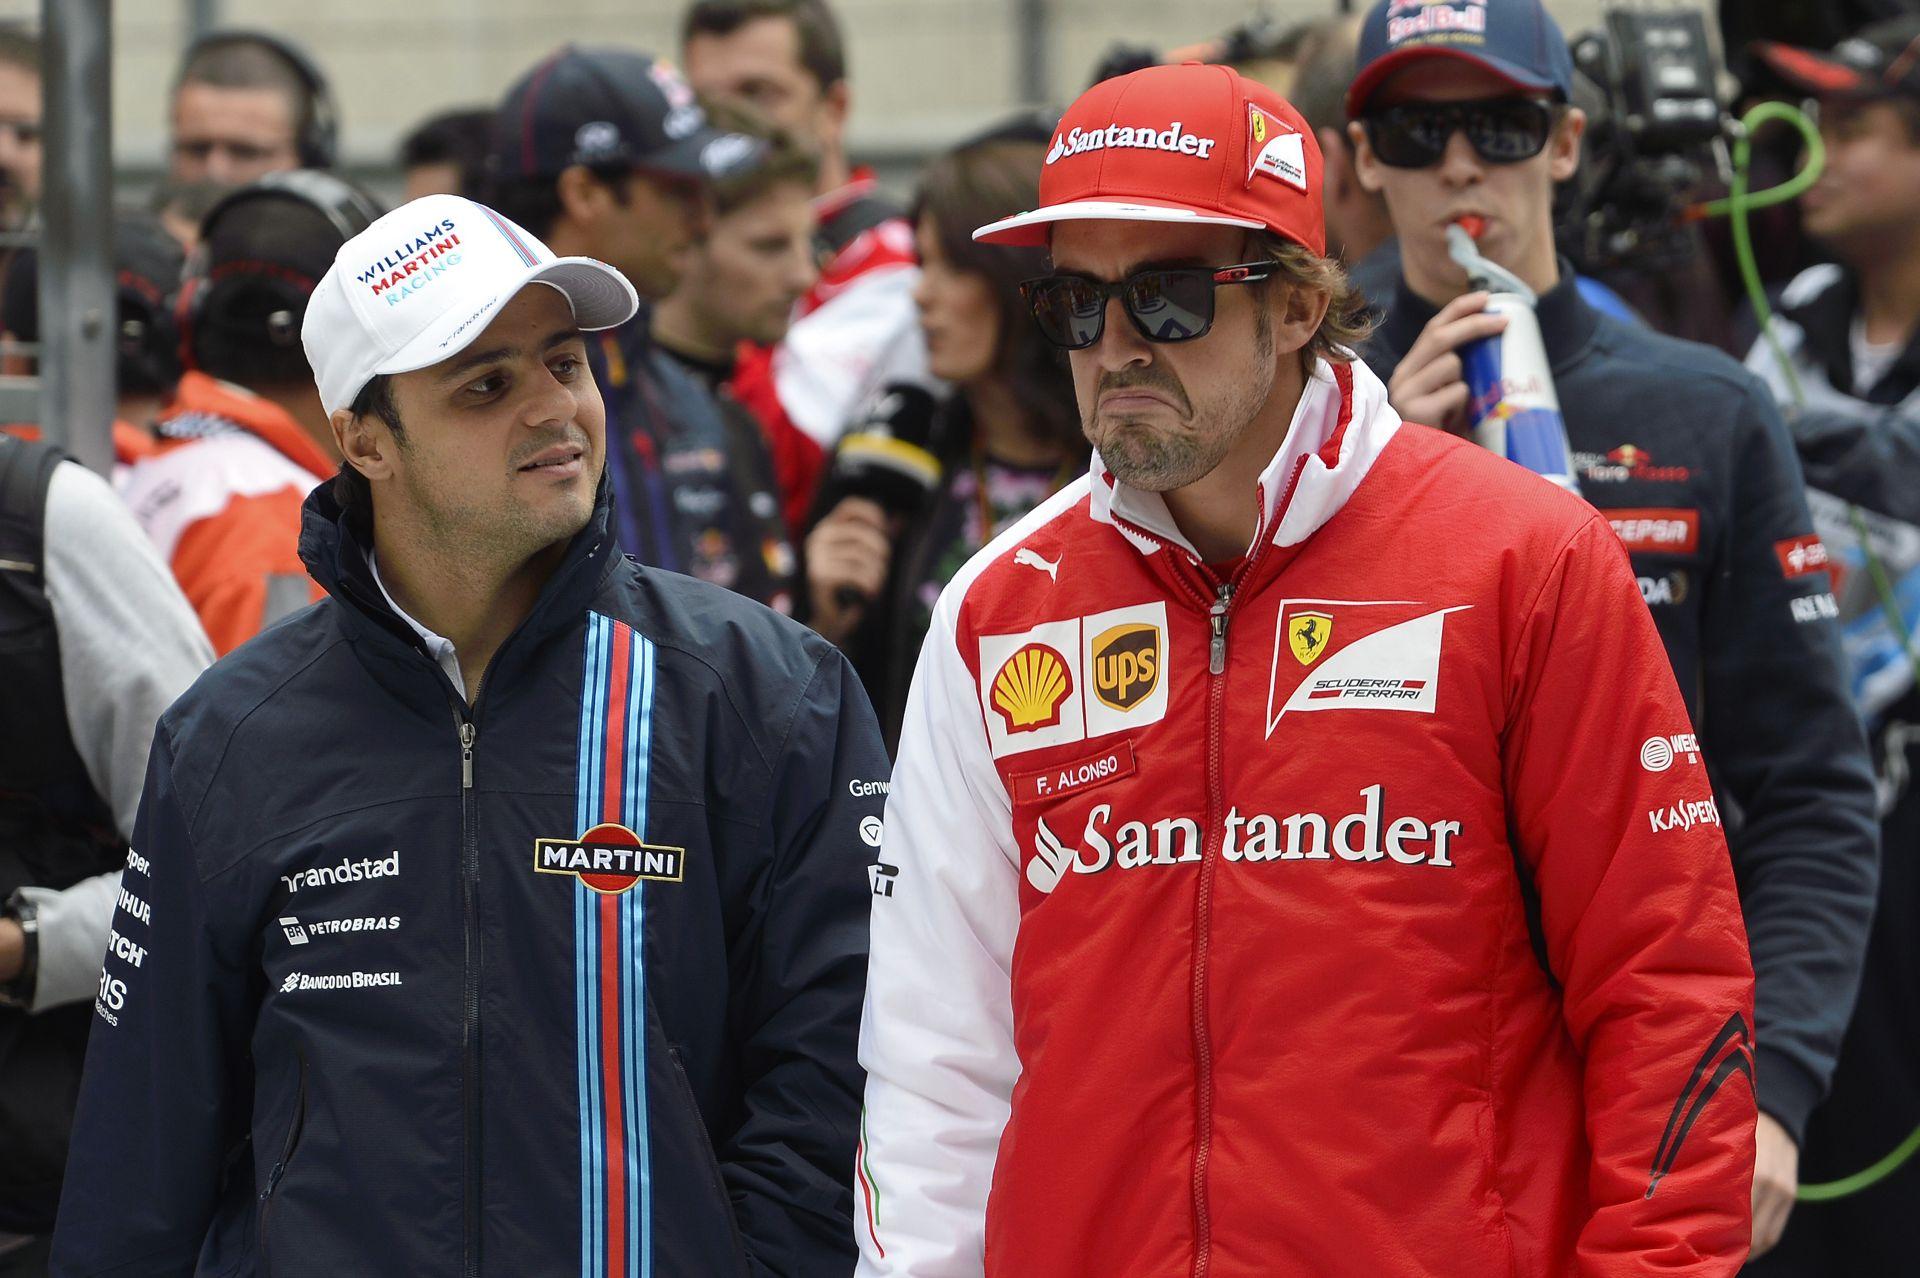 Alonso szerint Massa gyorsabb volt a Ferrarinál, mint most Raikkönen